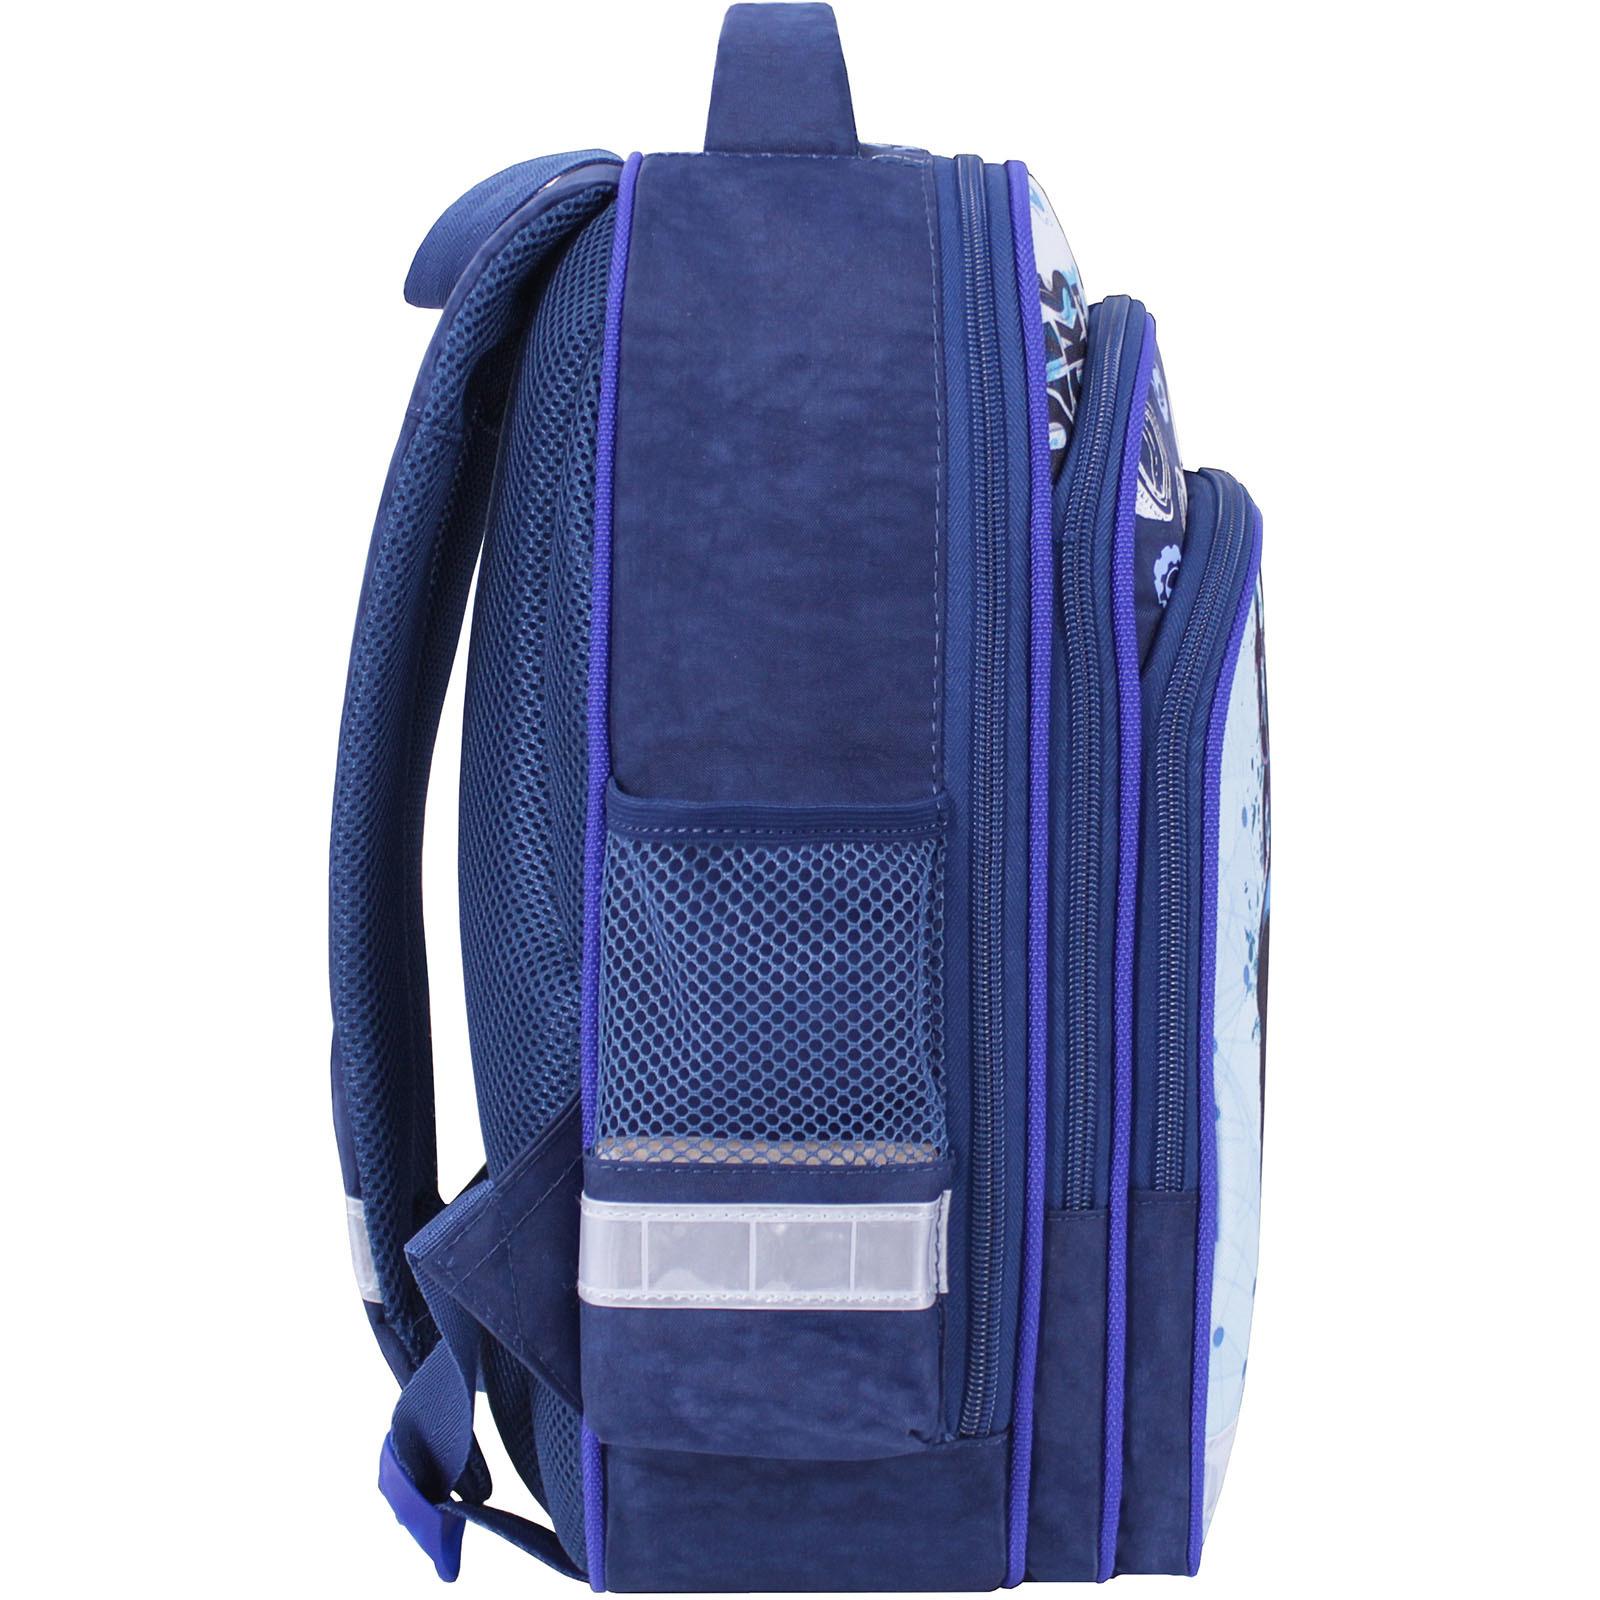 Рюкзак школьный Bagland Mouse 225 синий 534 (0051370) фото 2